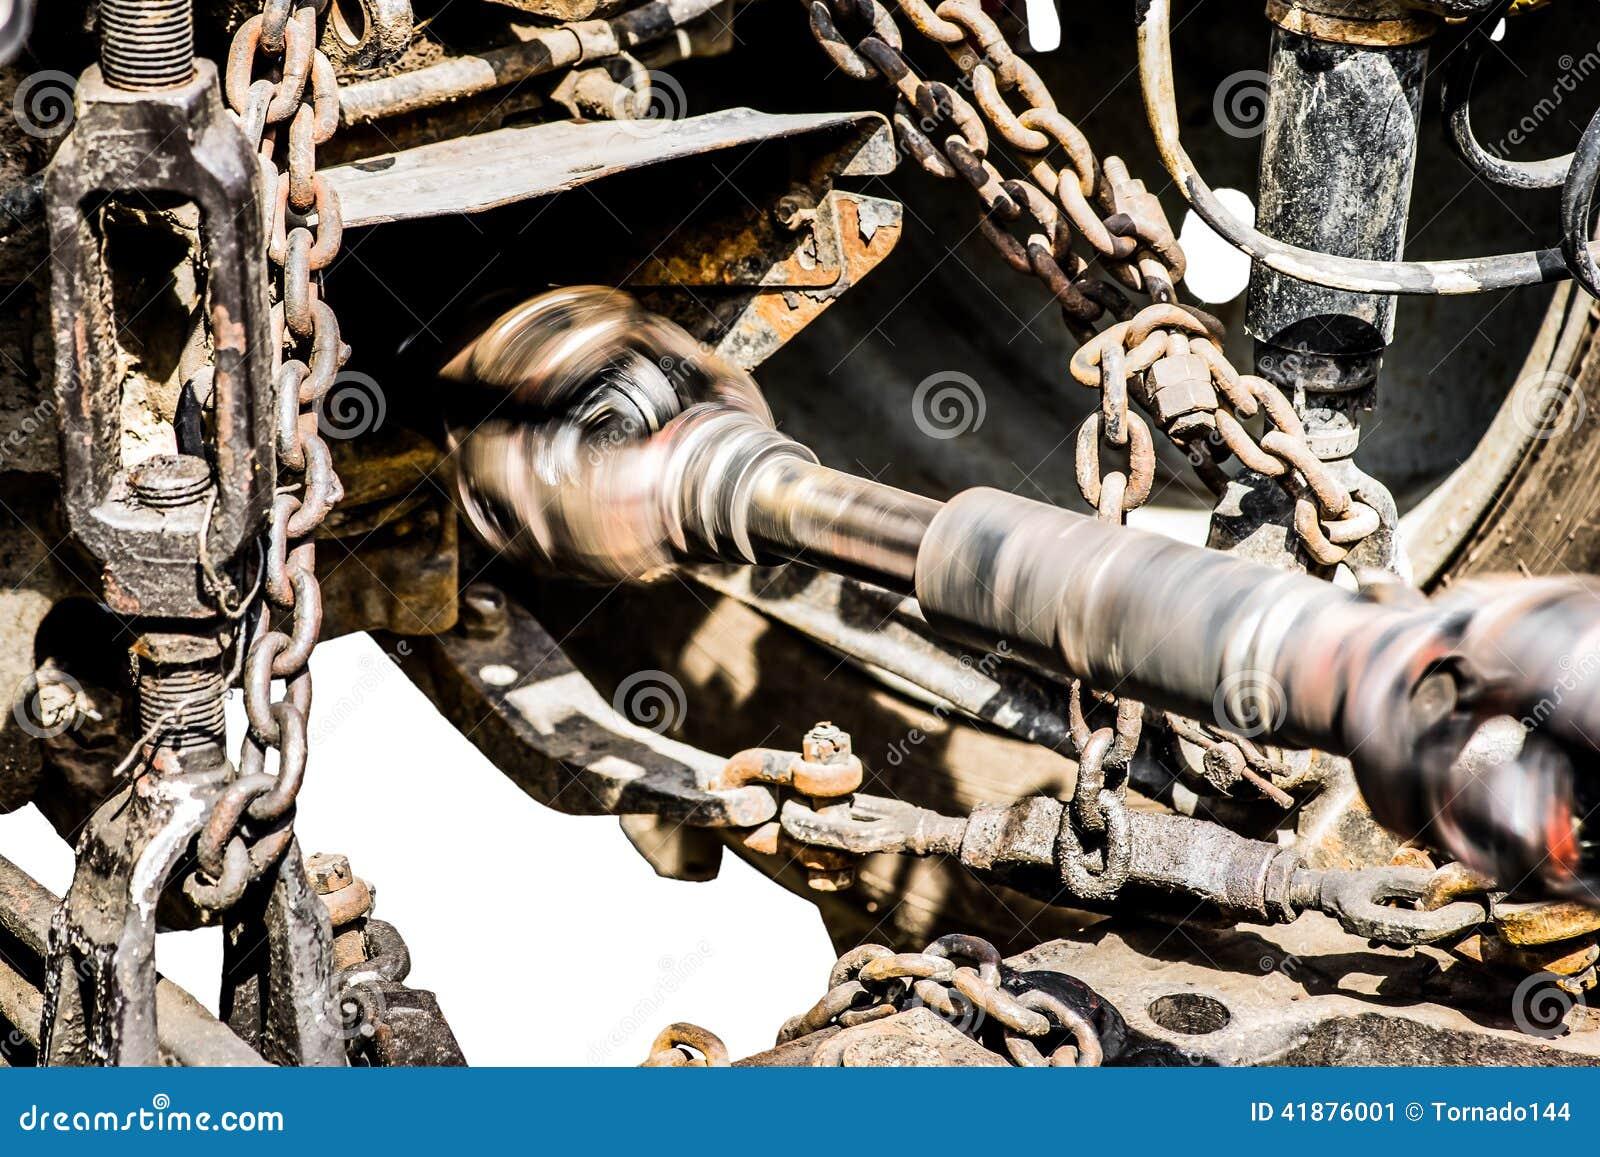 Płodozmienny prowadnikowy dyszel stary kołowy ciągnik